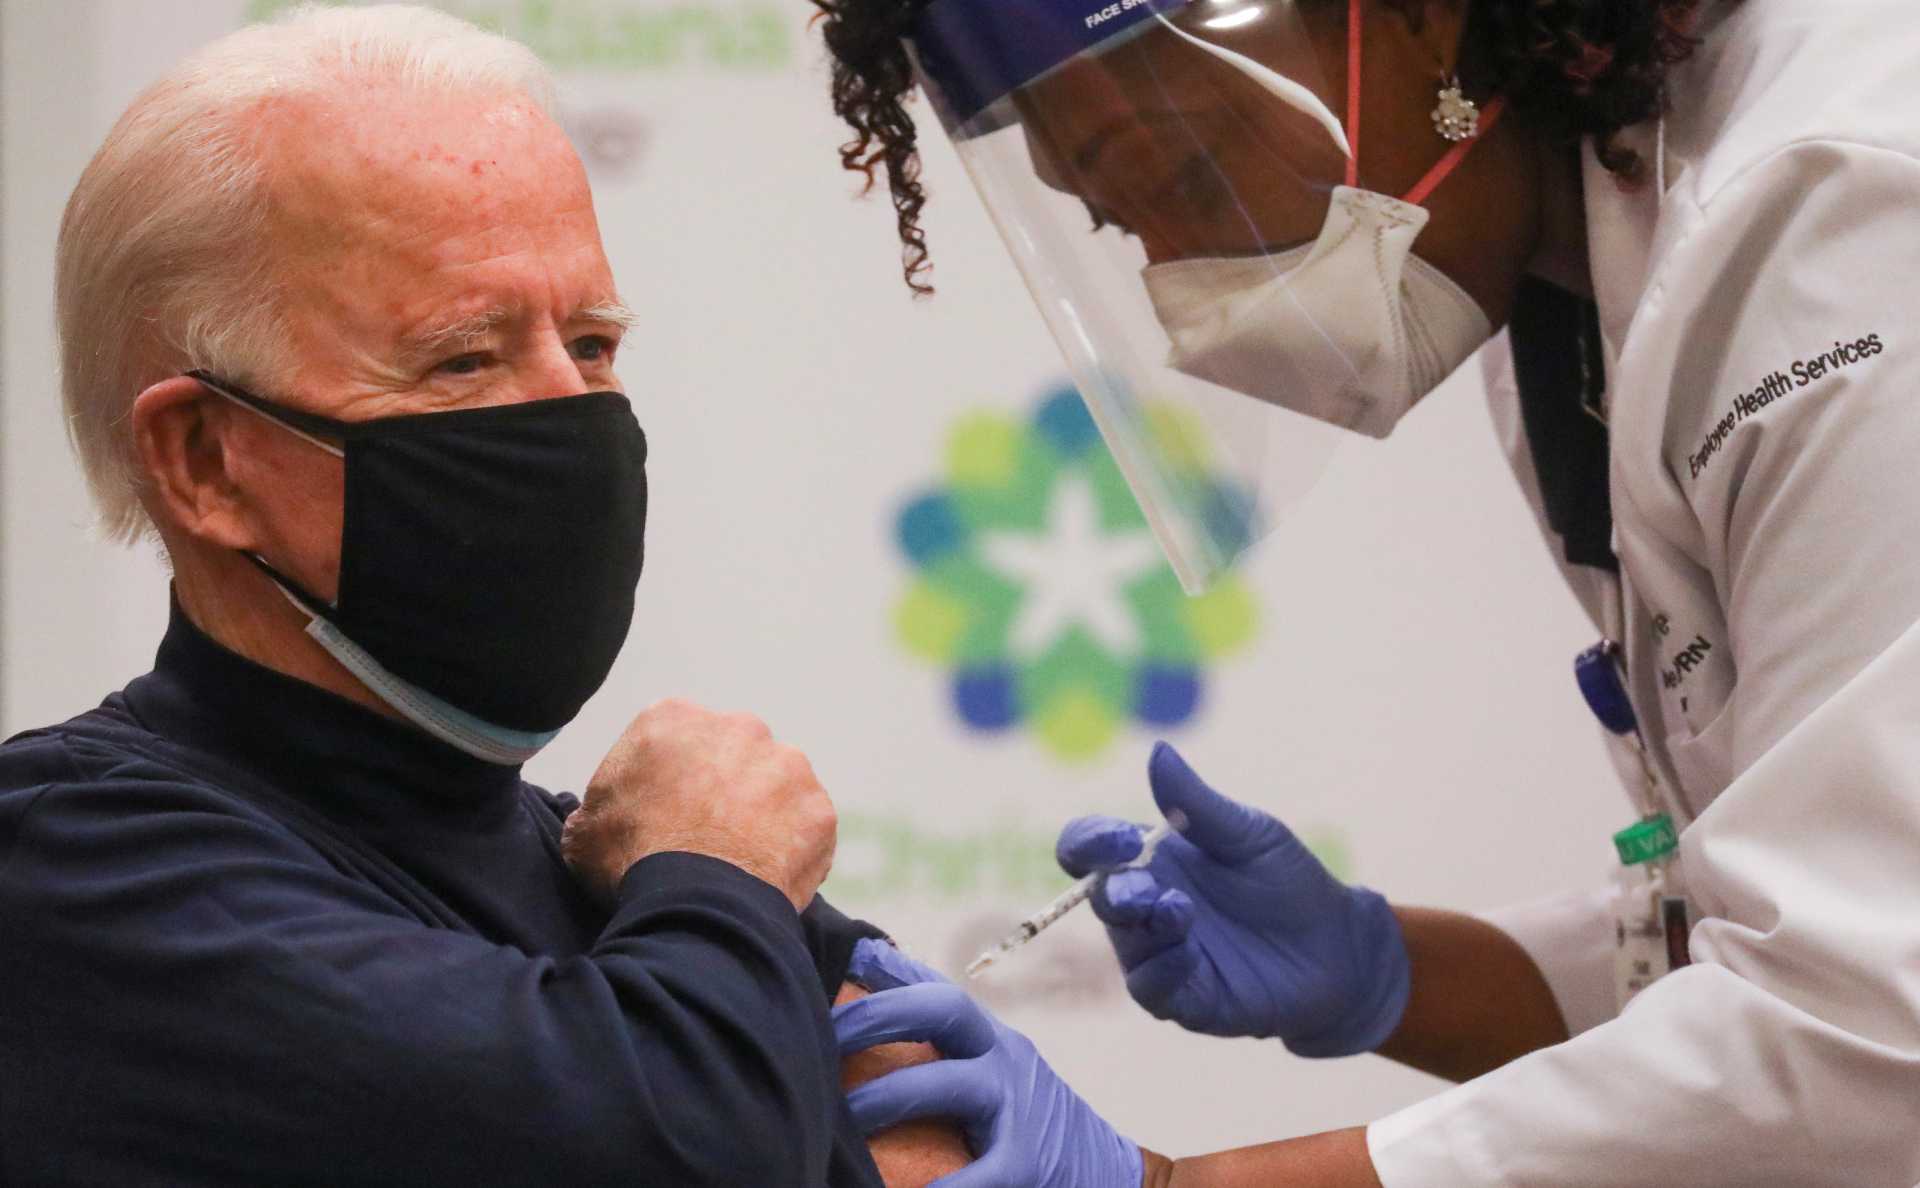 Байден сделал прививку от коронавируса в прямом эфире